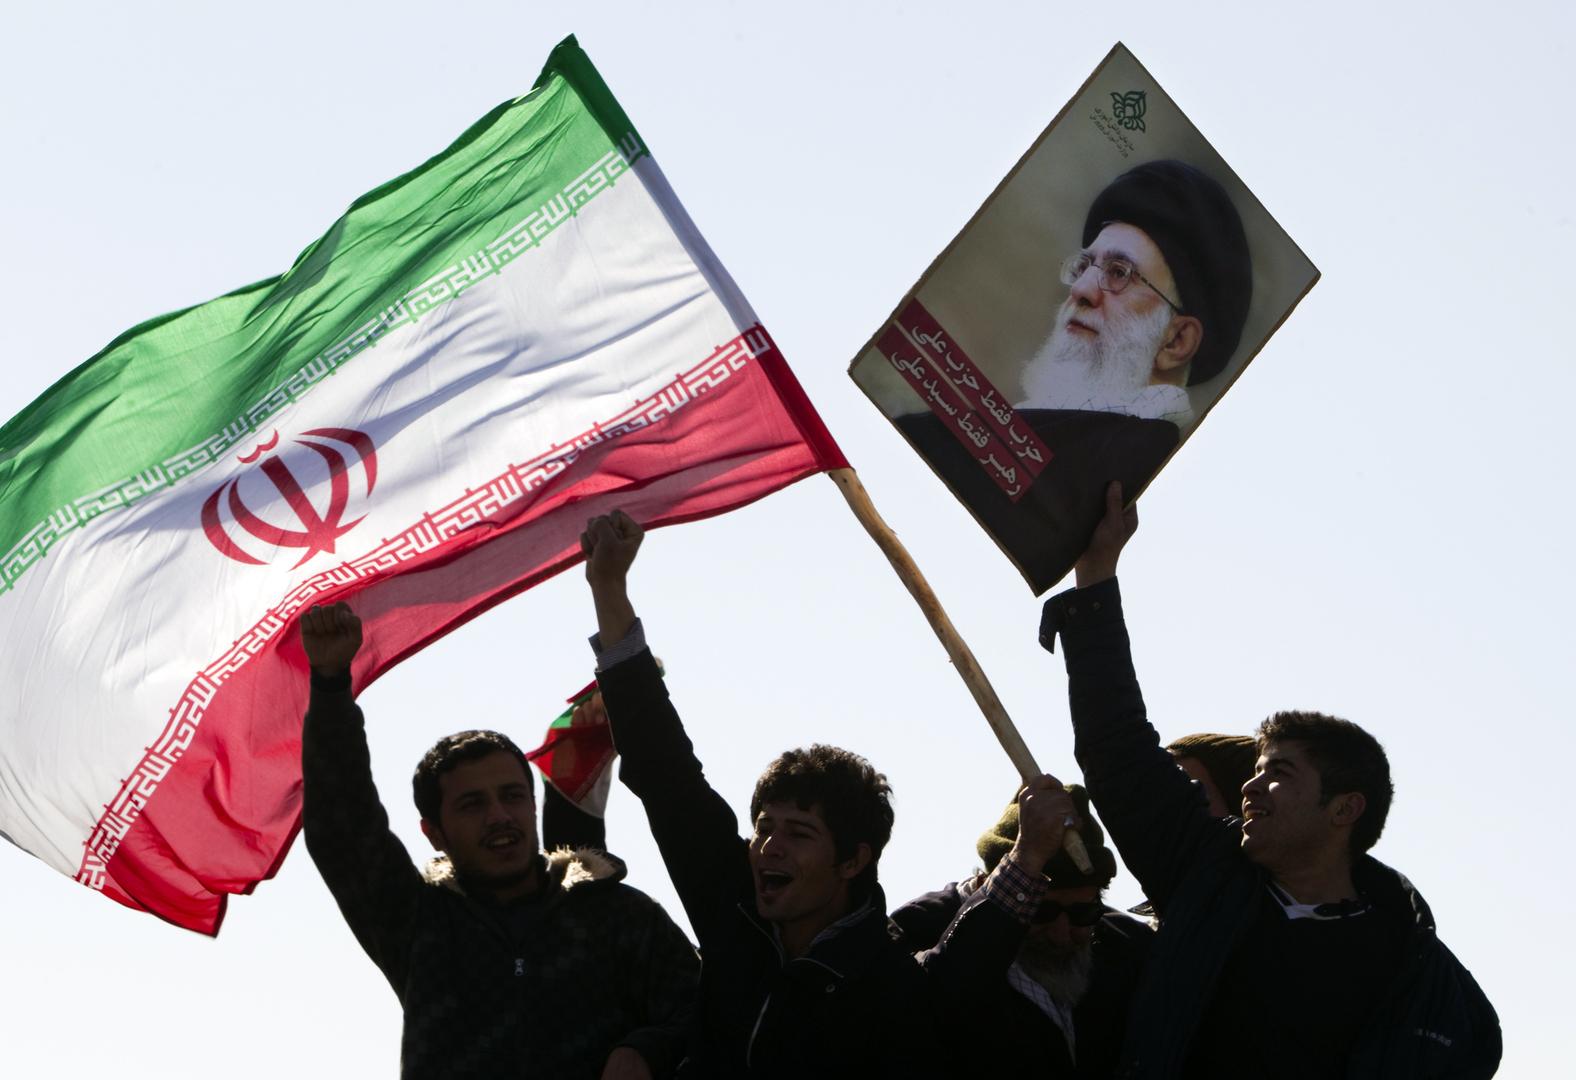 طهران ردا على ترامب: نحن من يختار أسلوب الرد على الجرائم الأمريكية